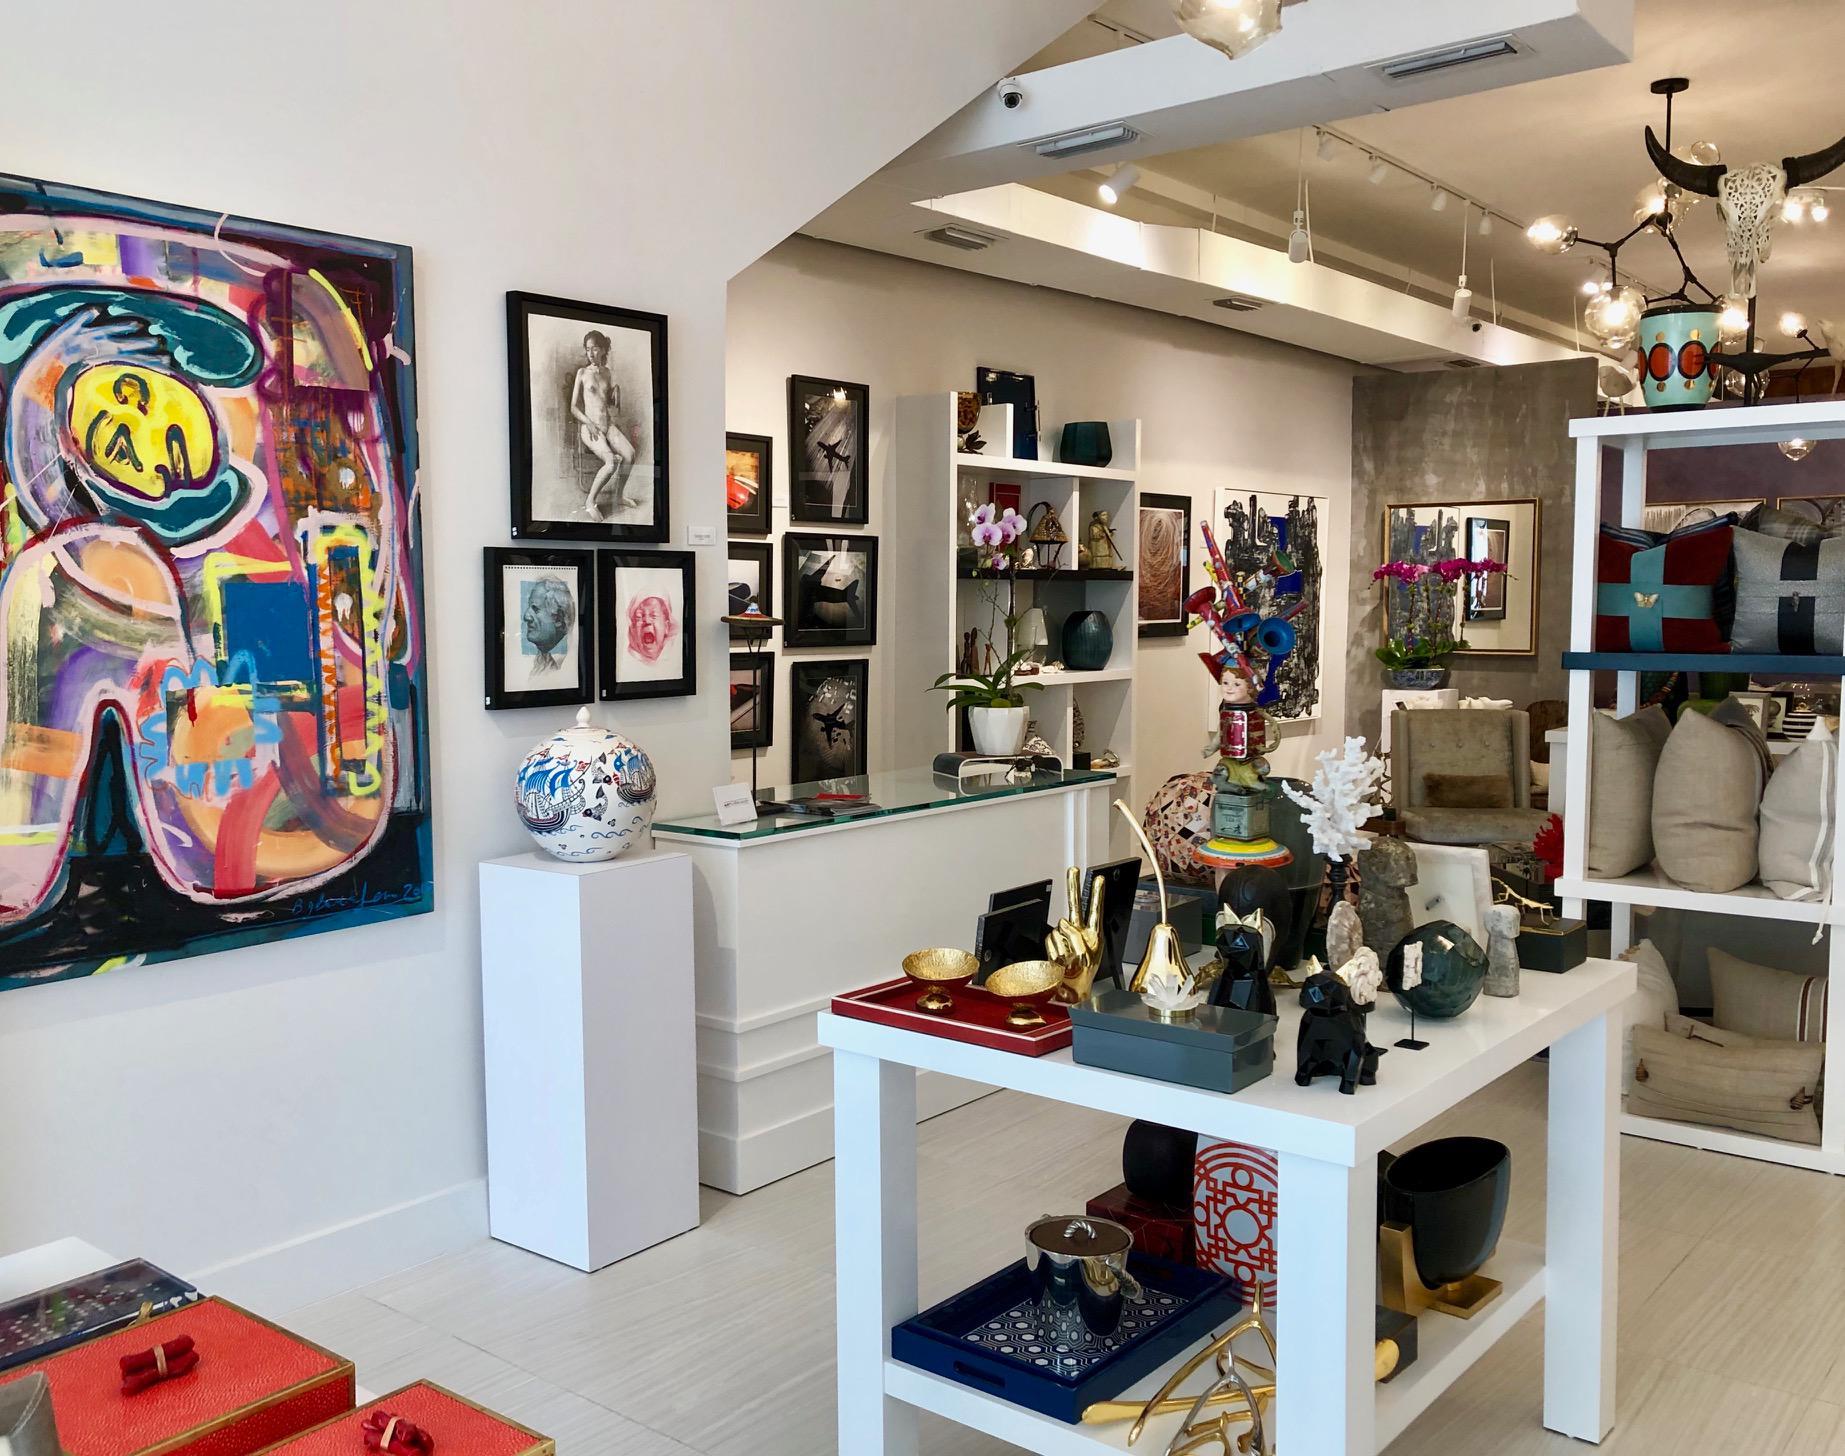 Art & Home Gallery by Aldo Puschendorf